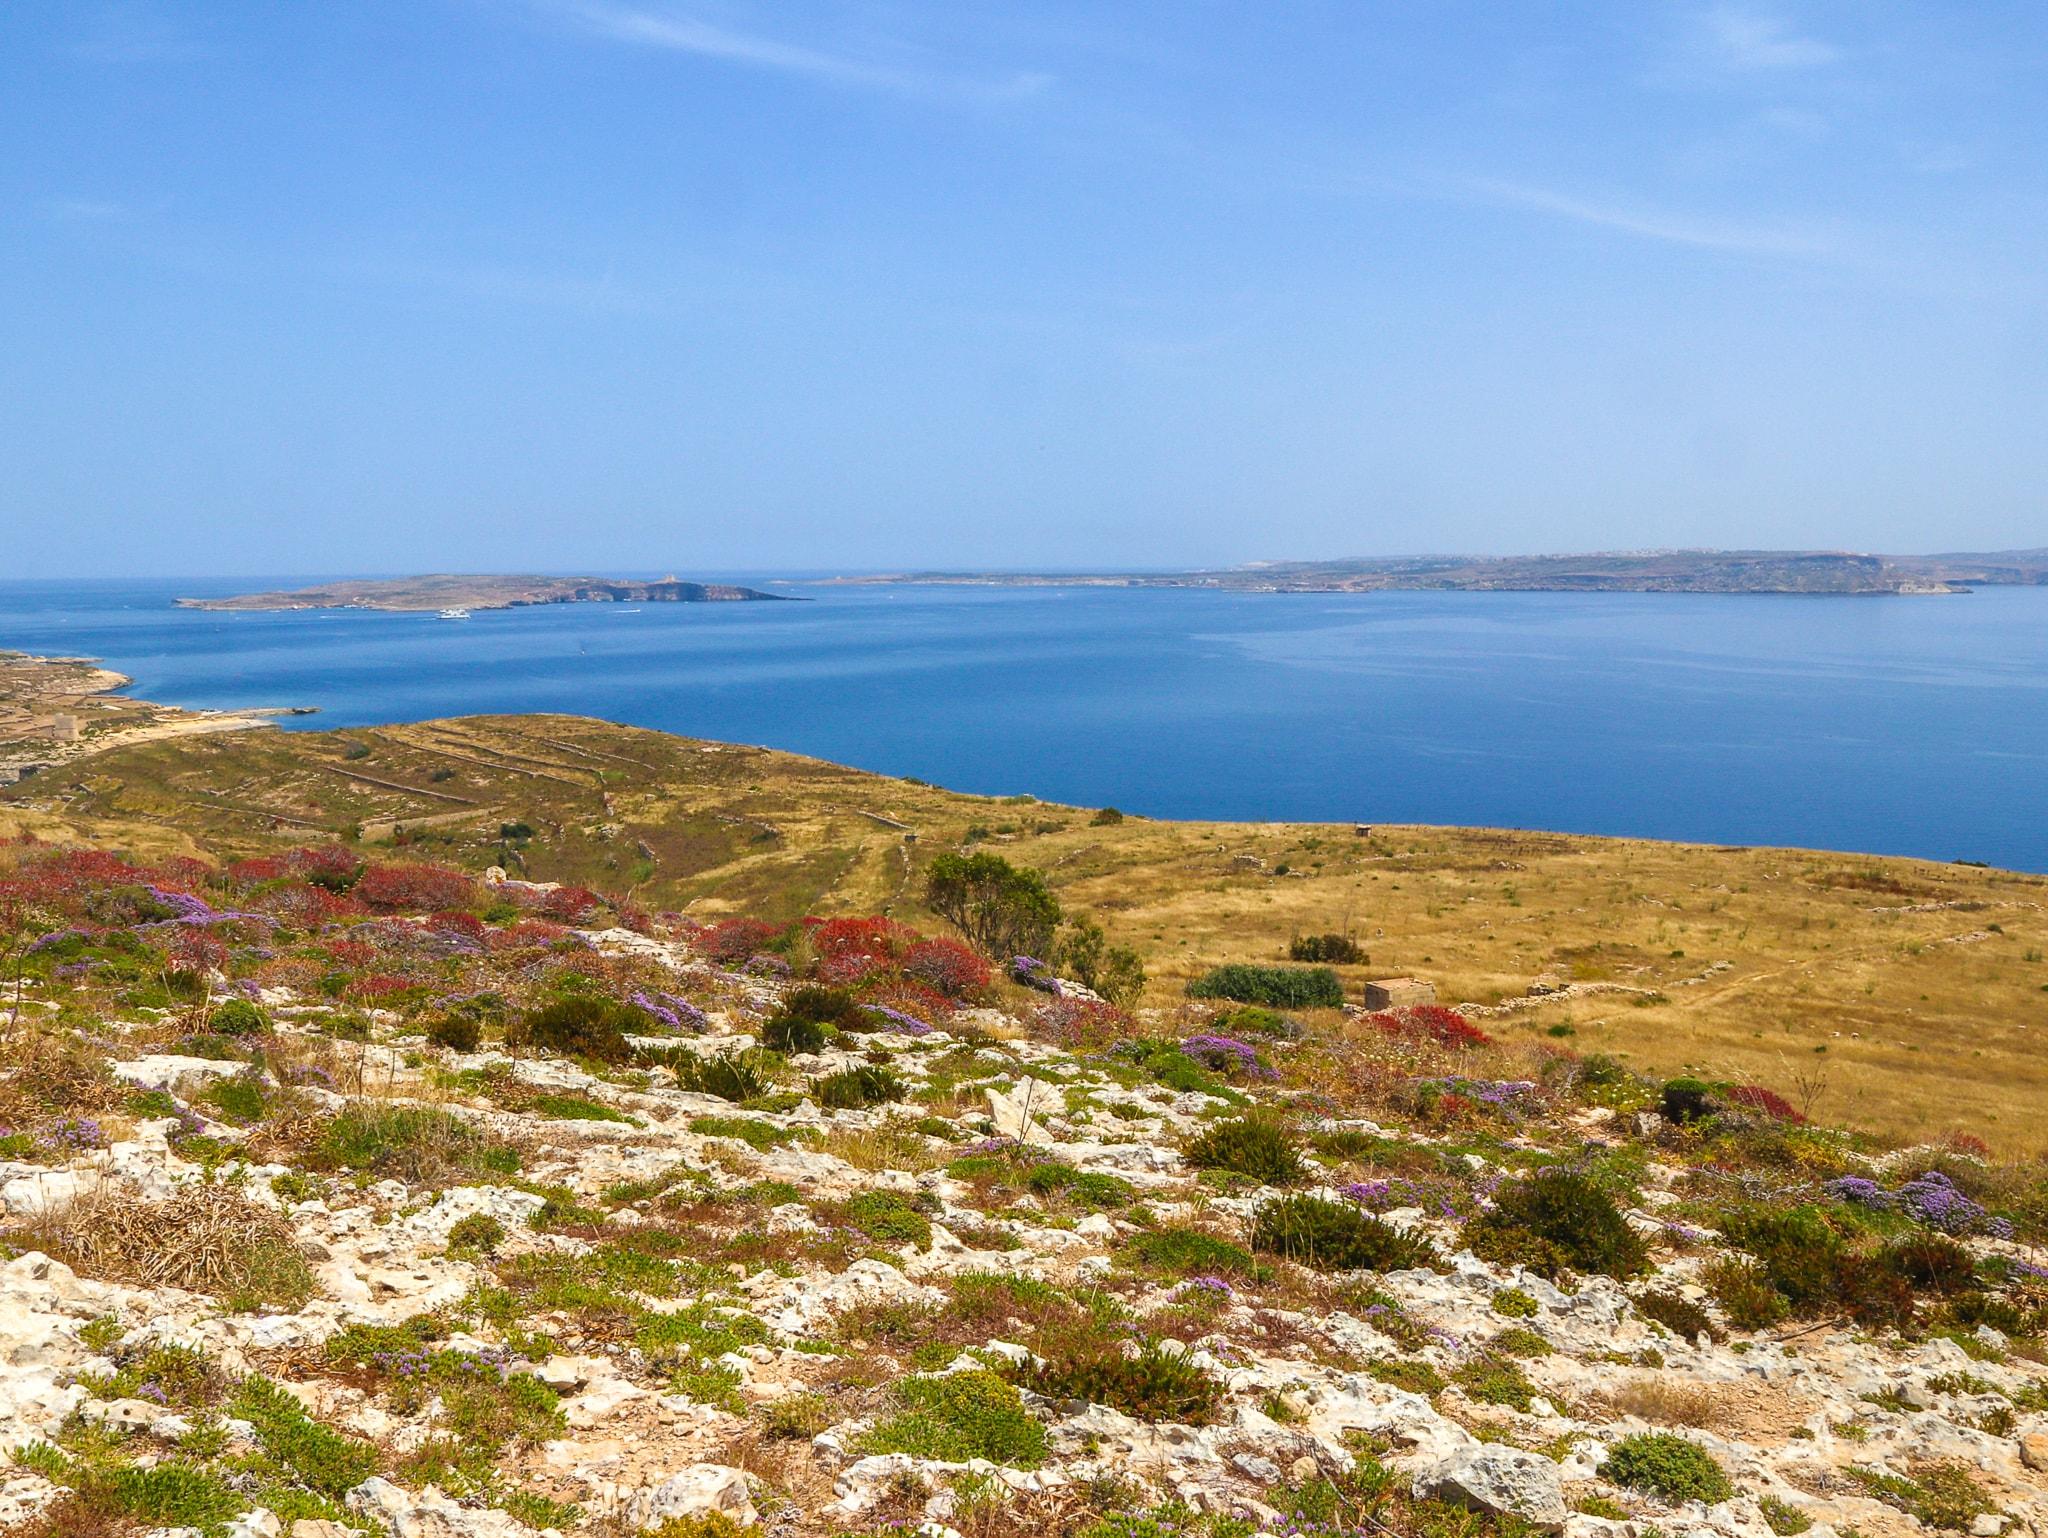 Vista para as ilhas de Comino e Malta